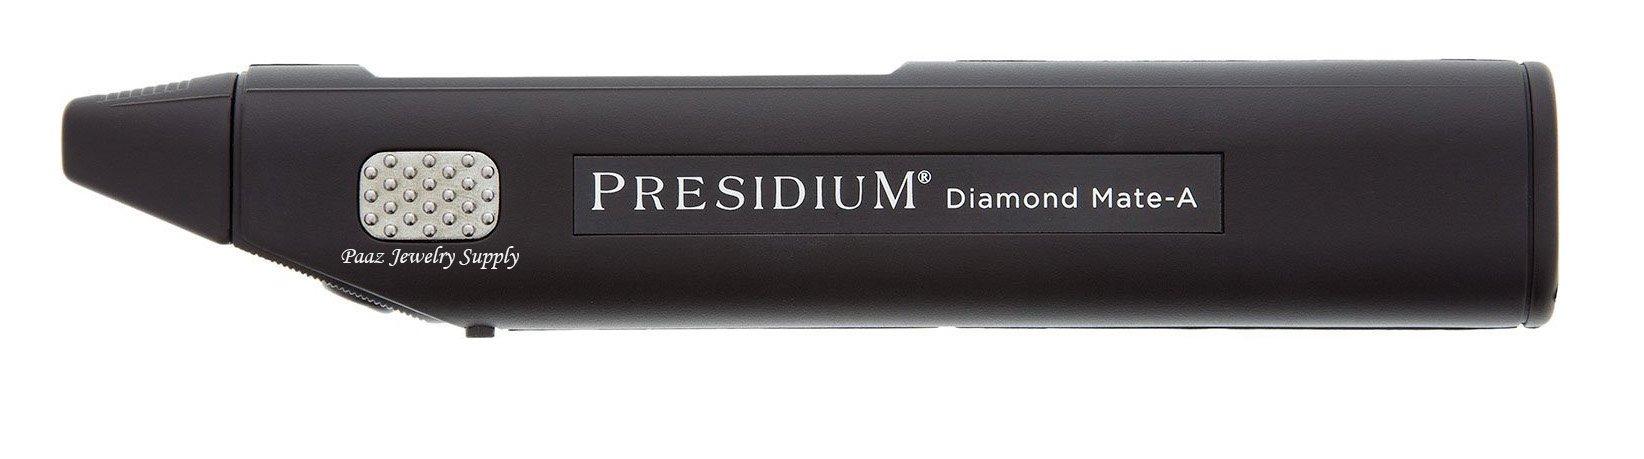 Presidium Diamondmate Tester - DIA-510.20 by Presidium (Image #3)